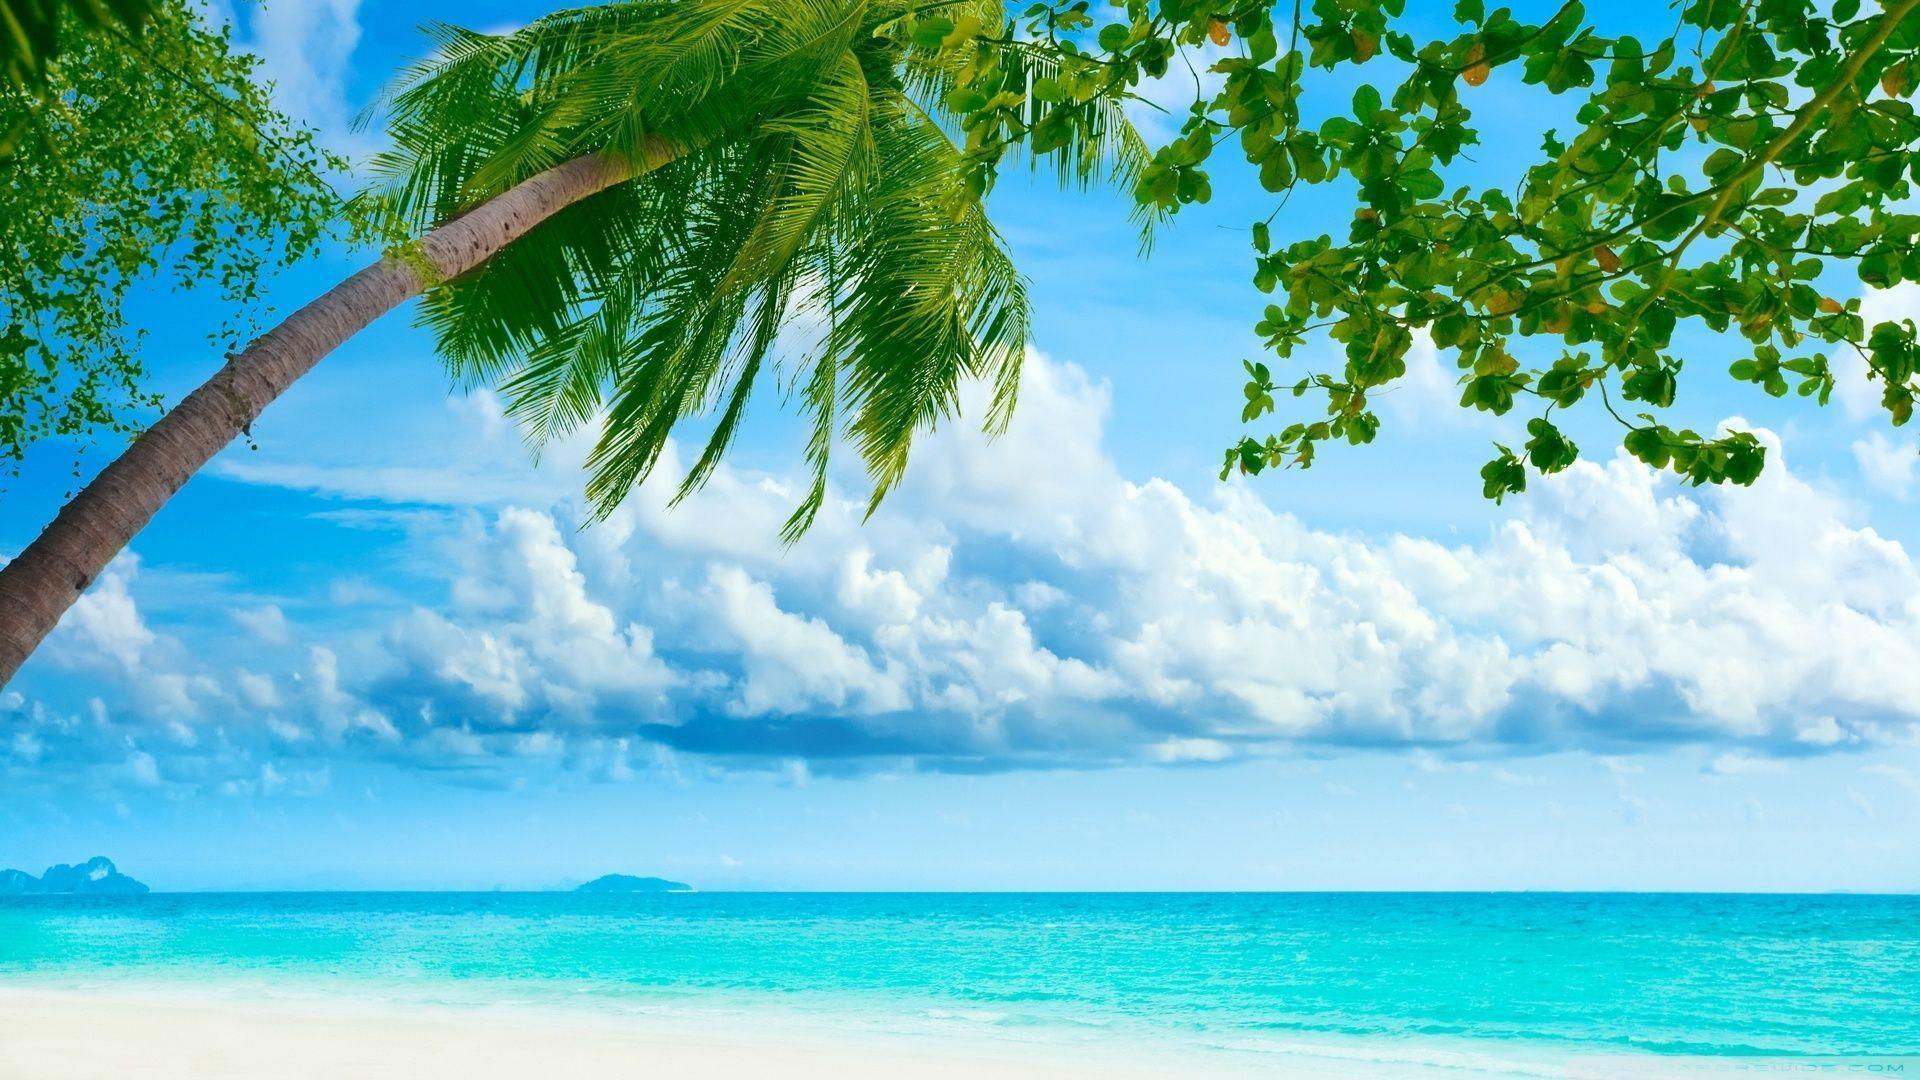 tropical beach wallpaper 120 - photo #20